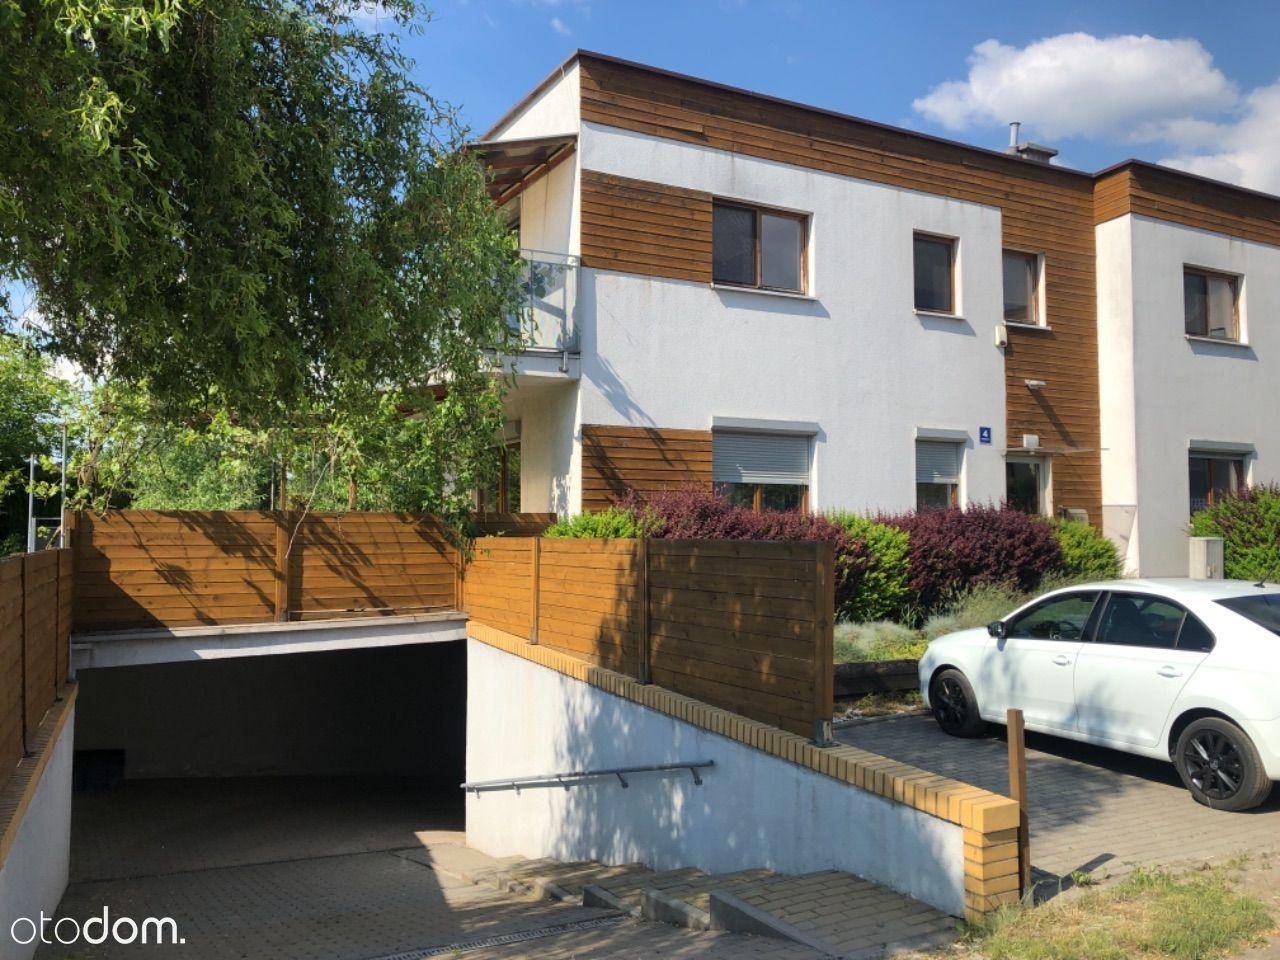 Dom z ogrodem w Gliwicach Żernikach